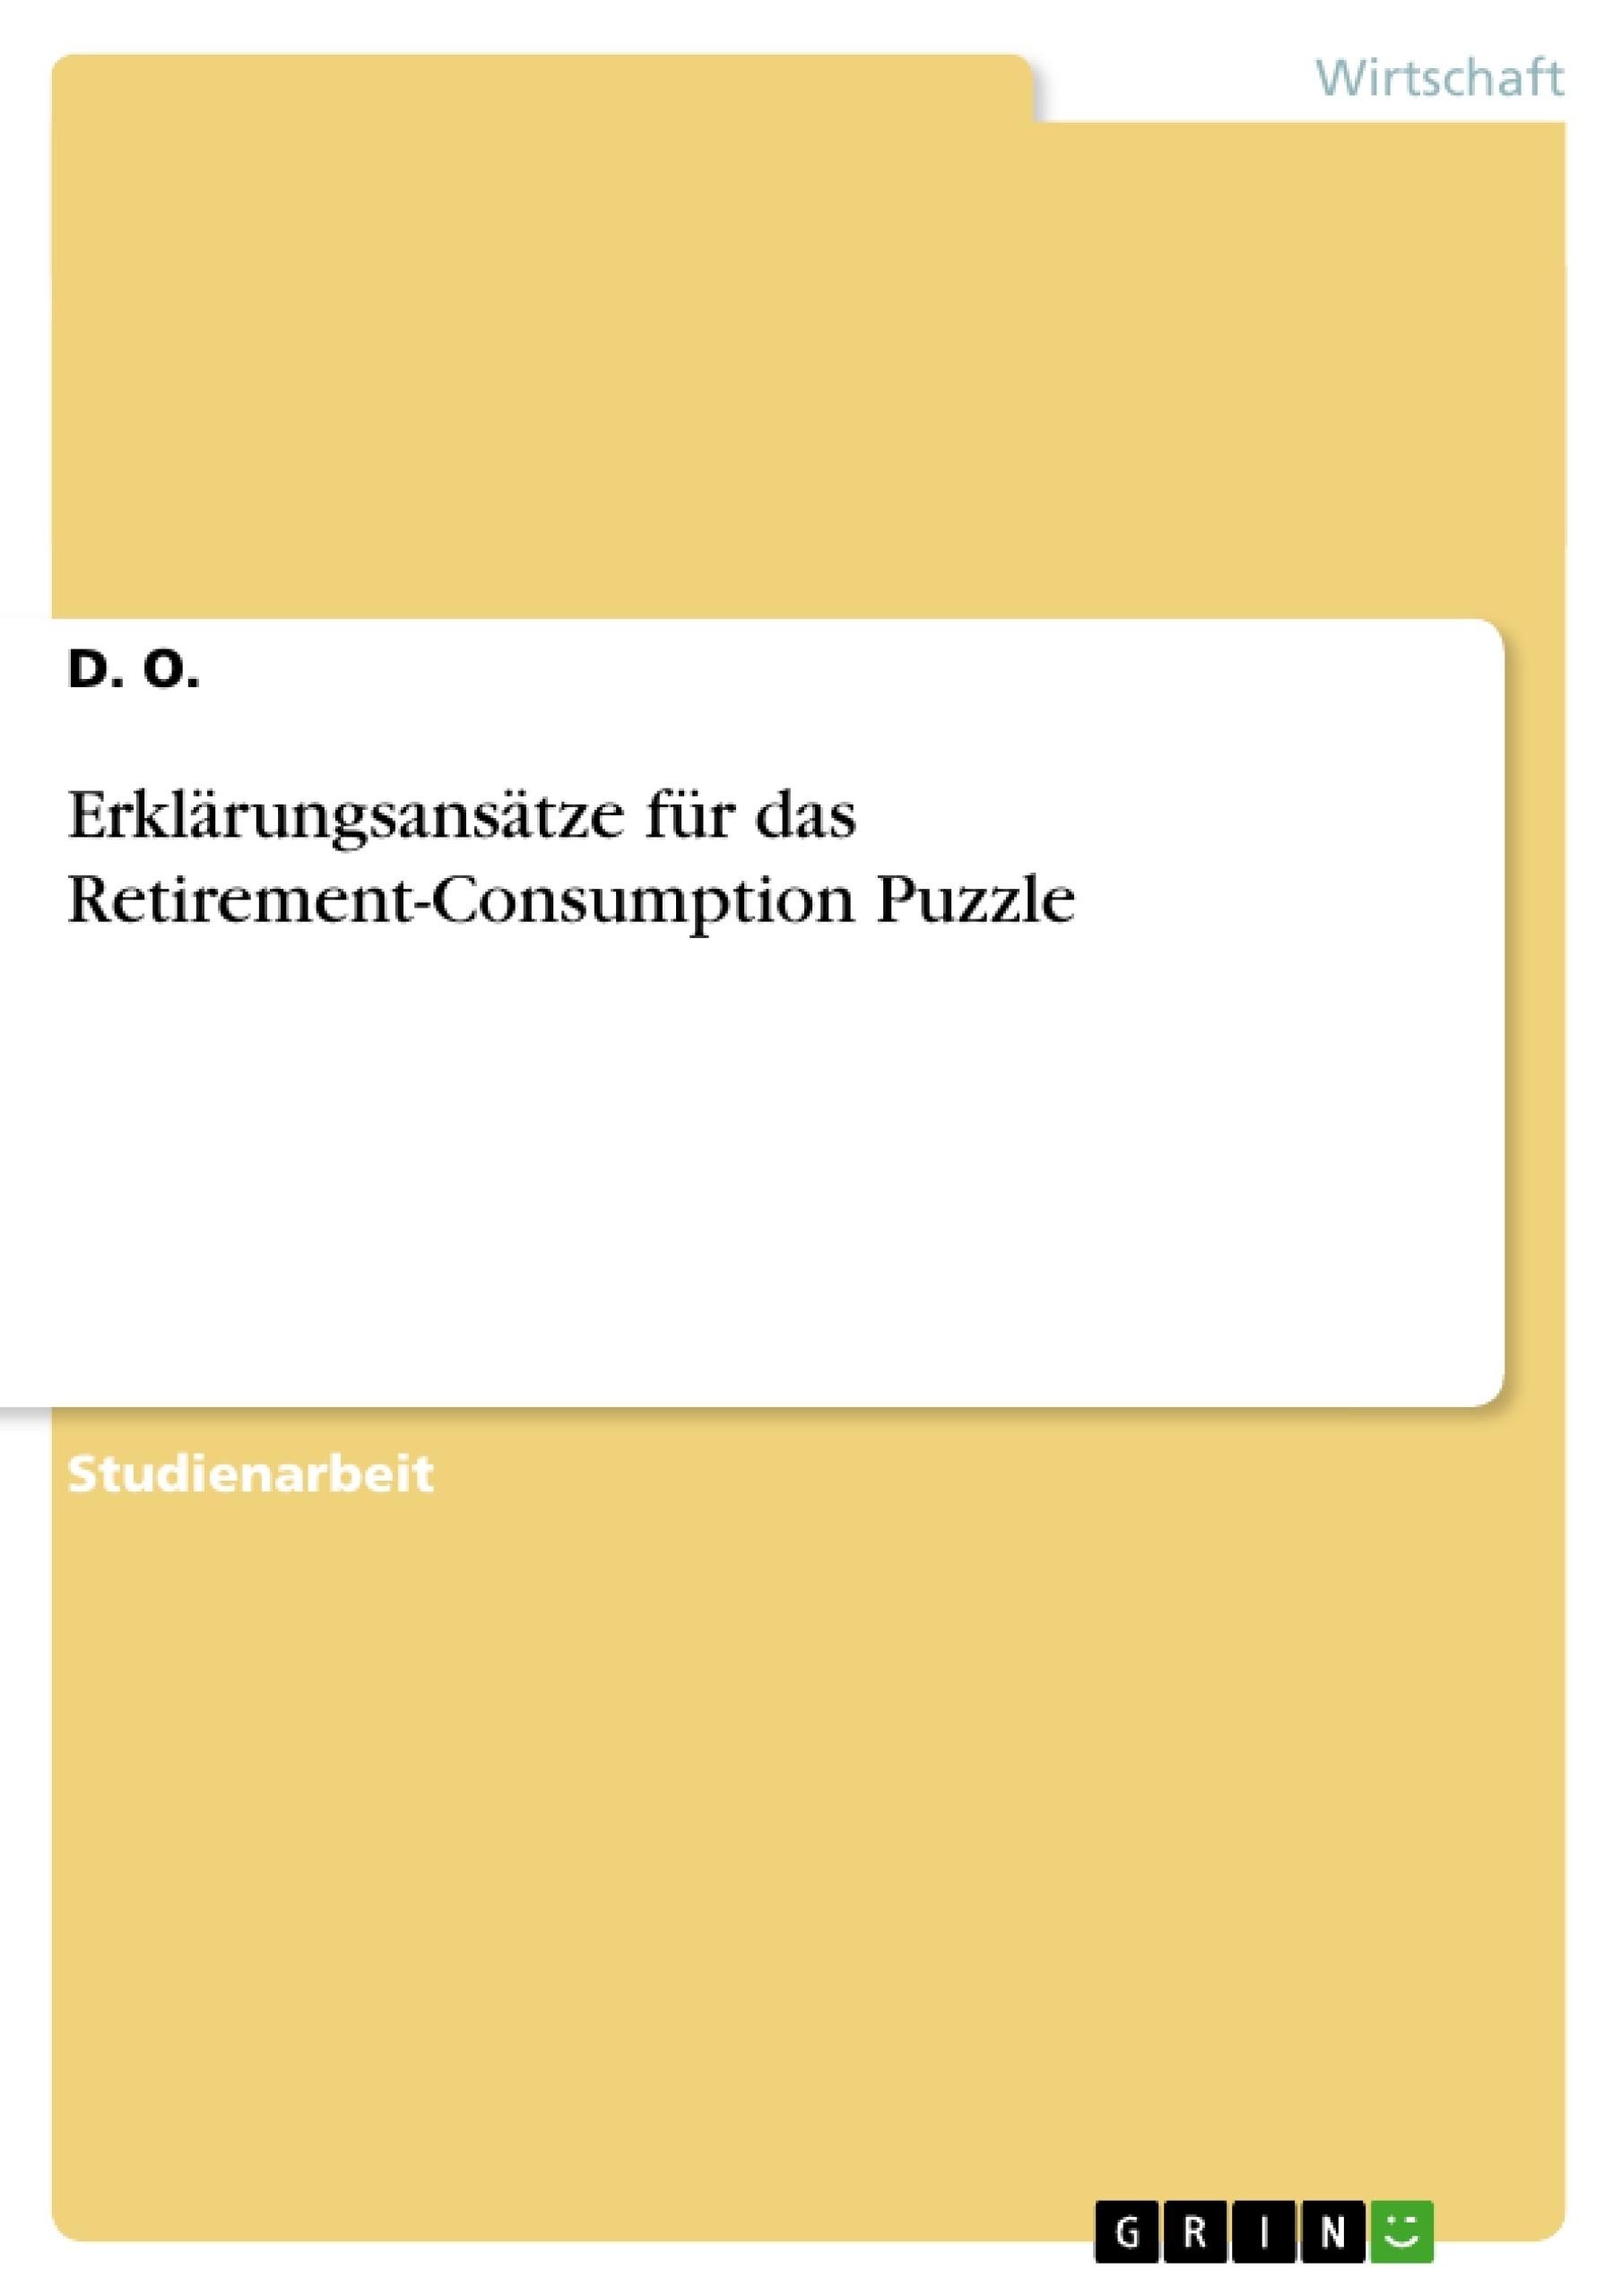 Titel: Erklärungsansätze für das Retirement-Consumption Puzzle